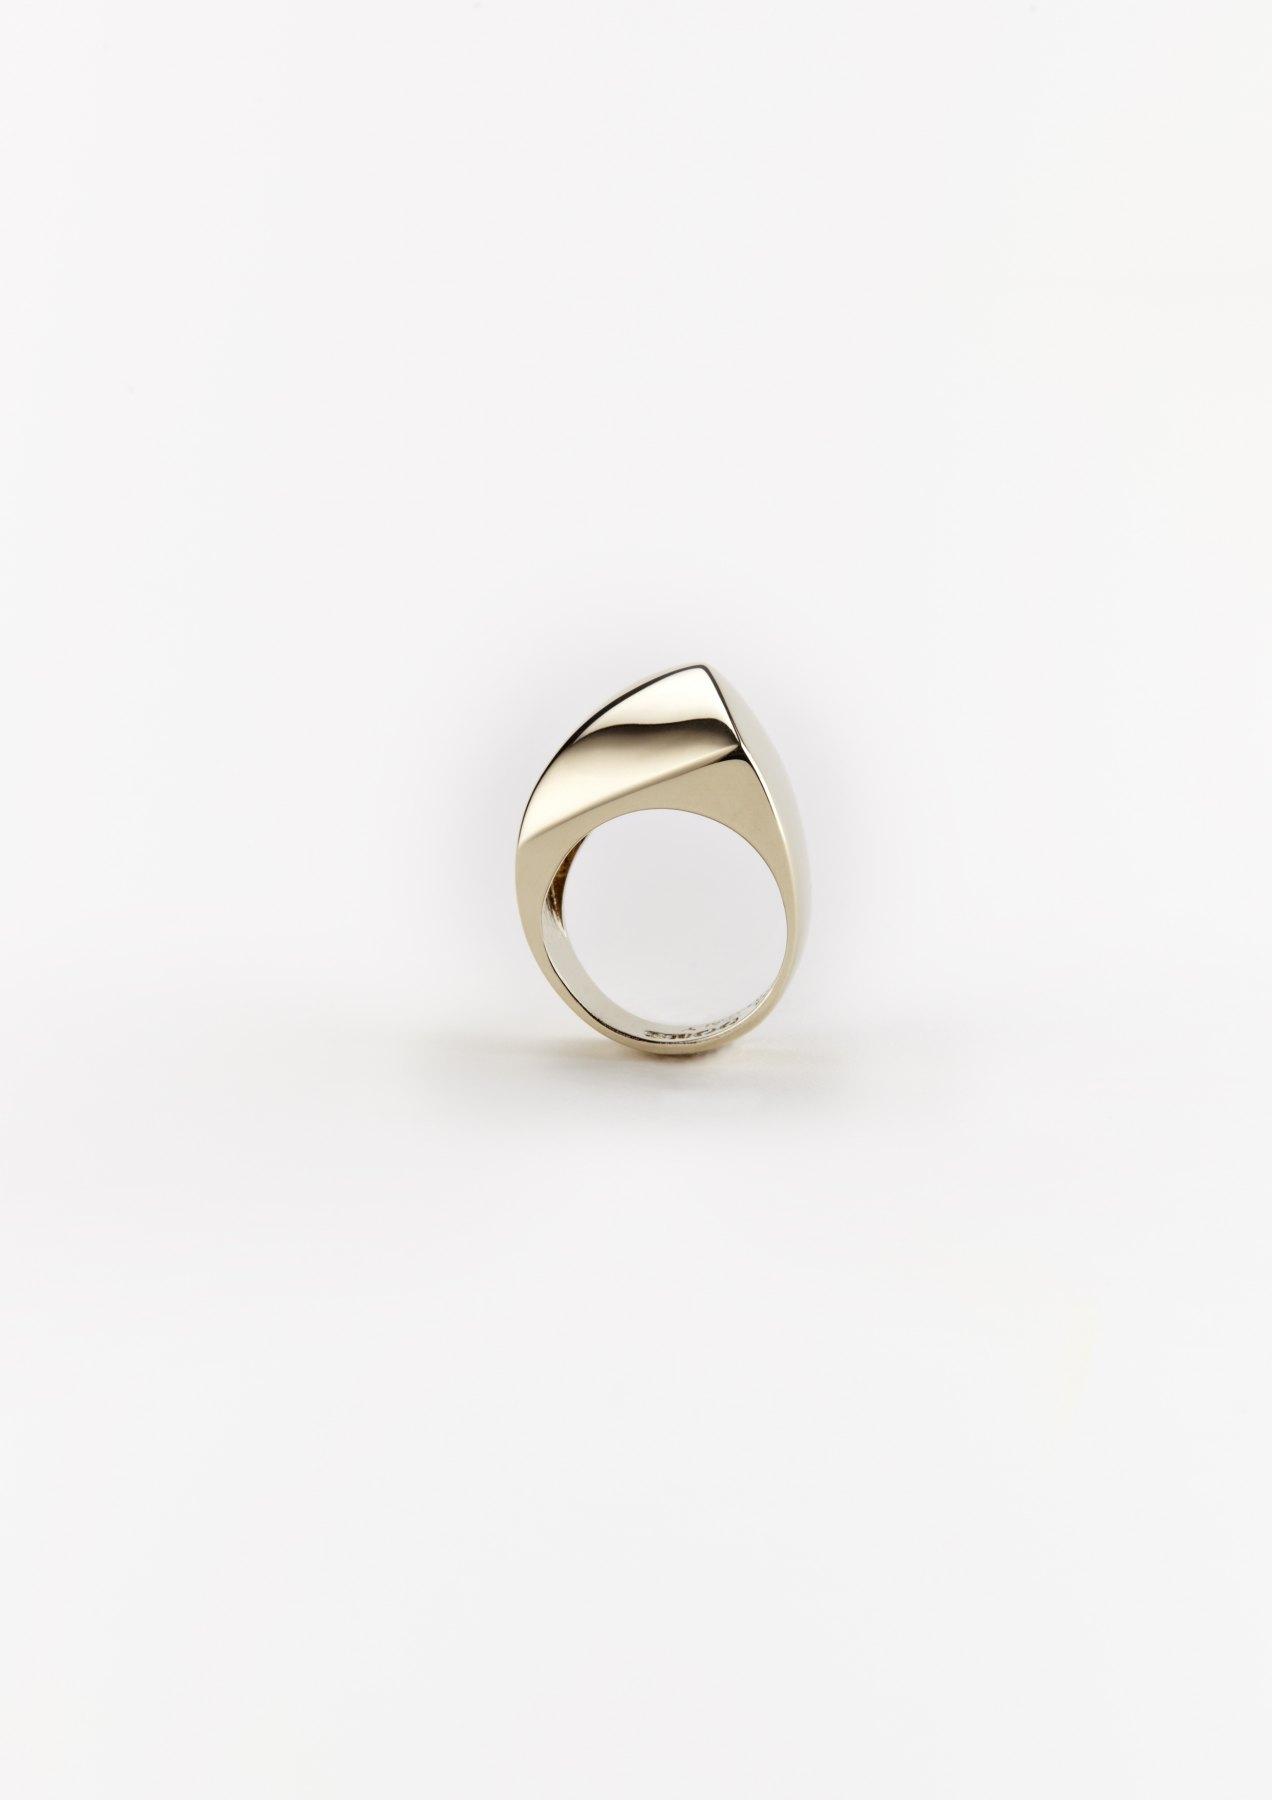 xenia bous schmuck Golden Stone 27 Diamond Ring gold silber